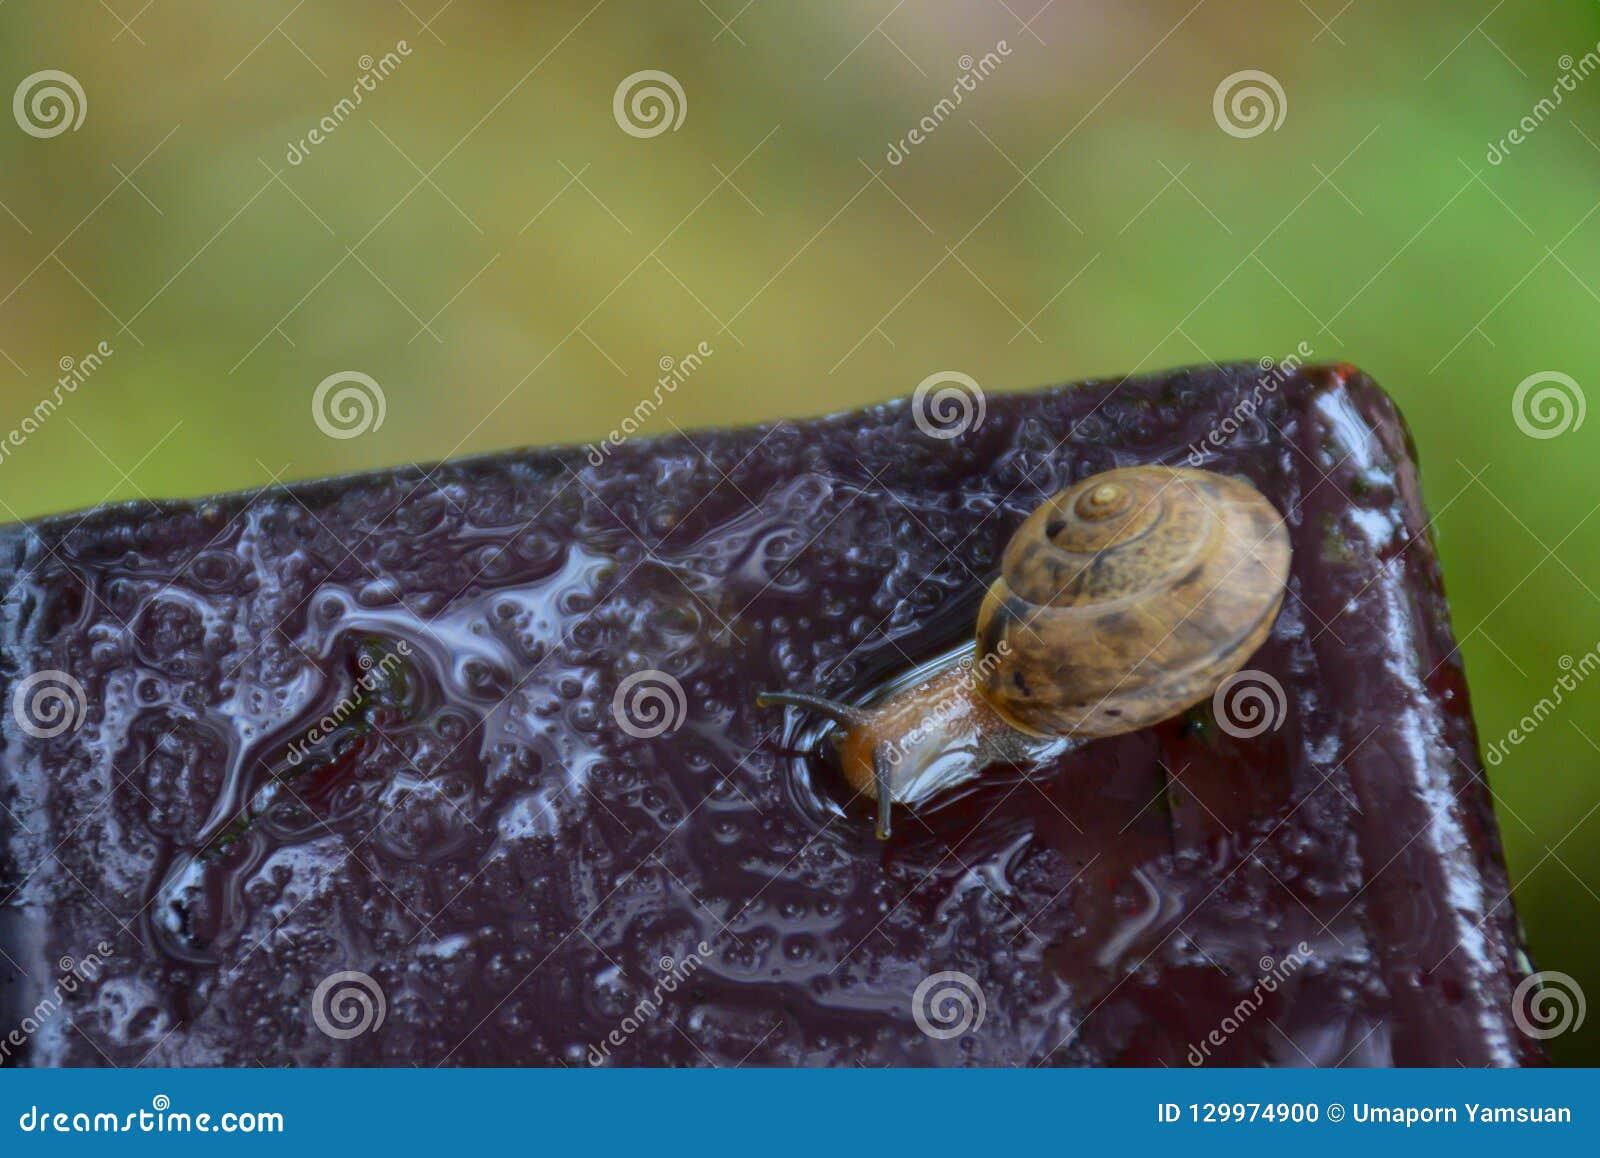 El caracol caminaba en la placa de acero en el jardín